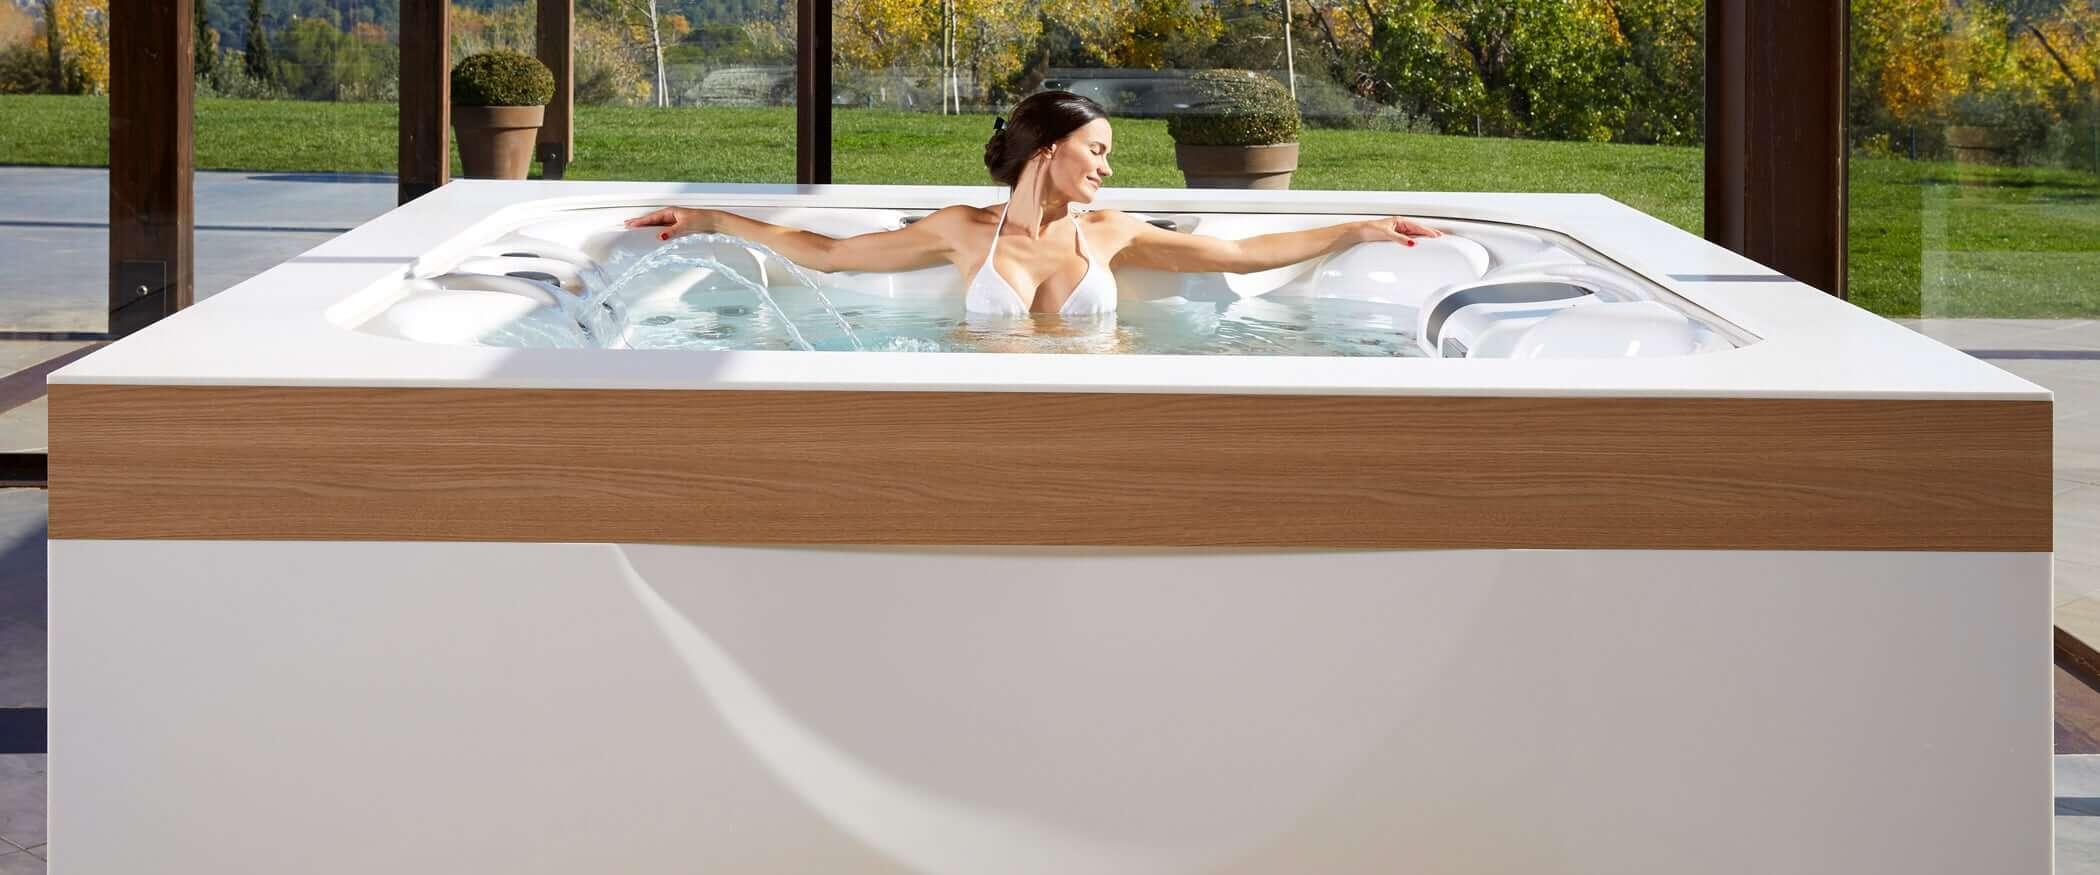 banner-001-1 Наружные SPA ванны